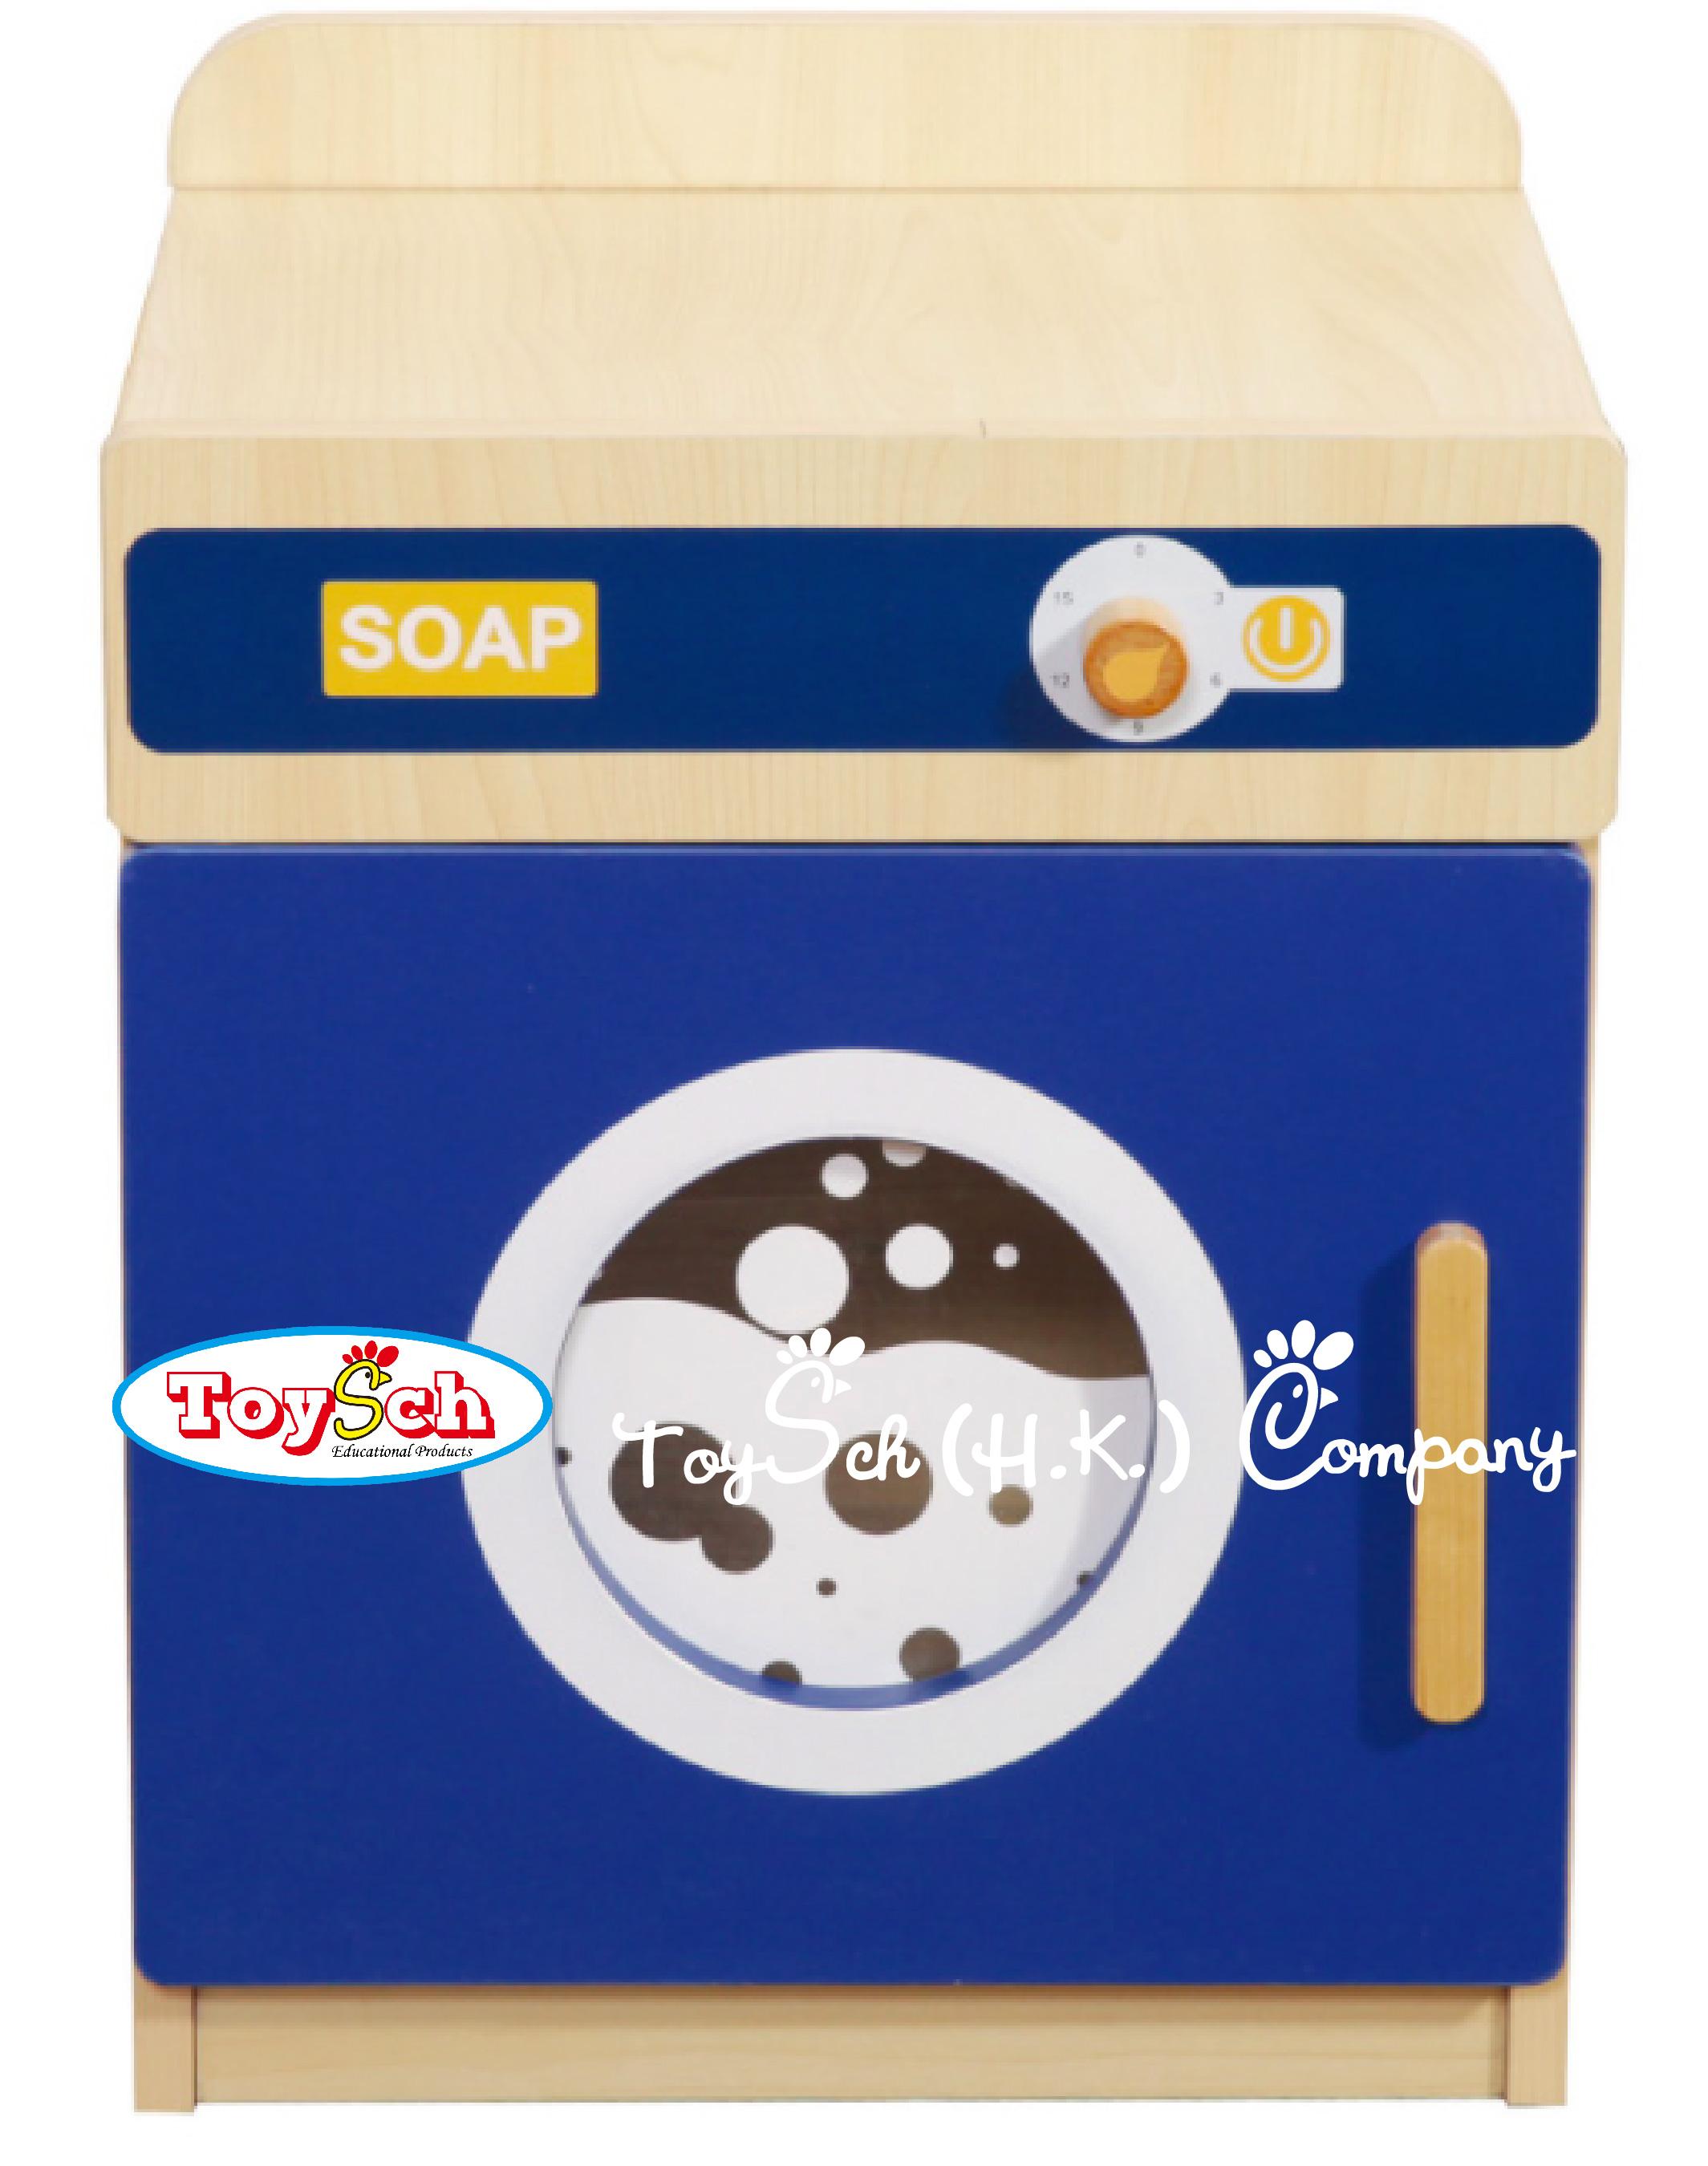 角色扮演系-兒童洗衣機